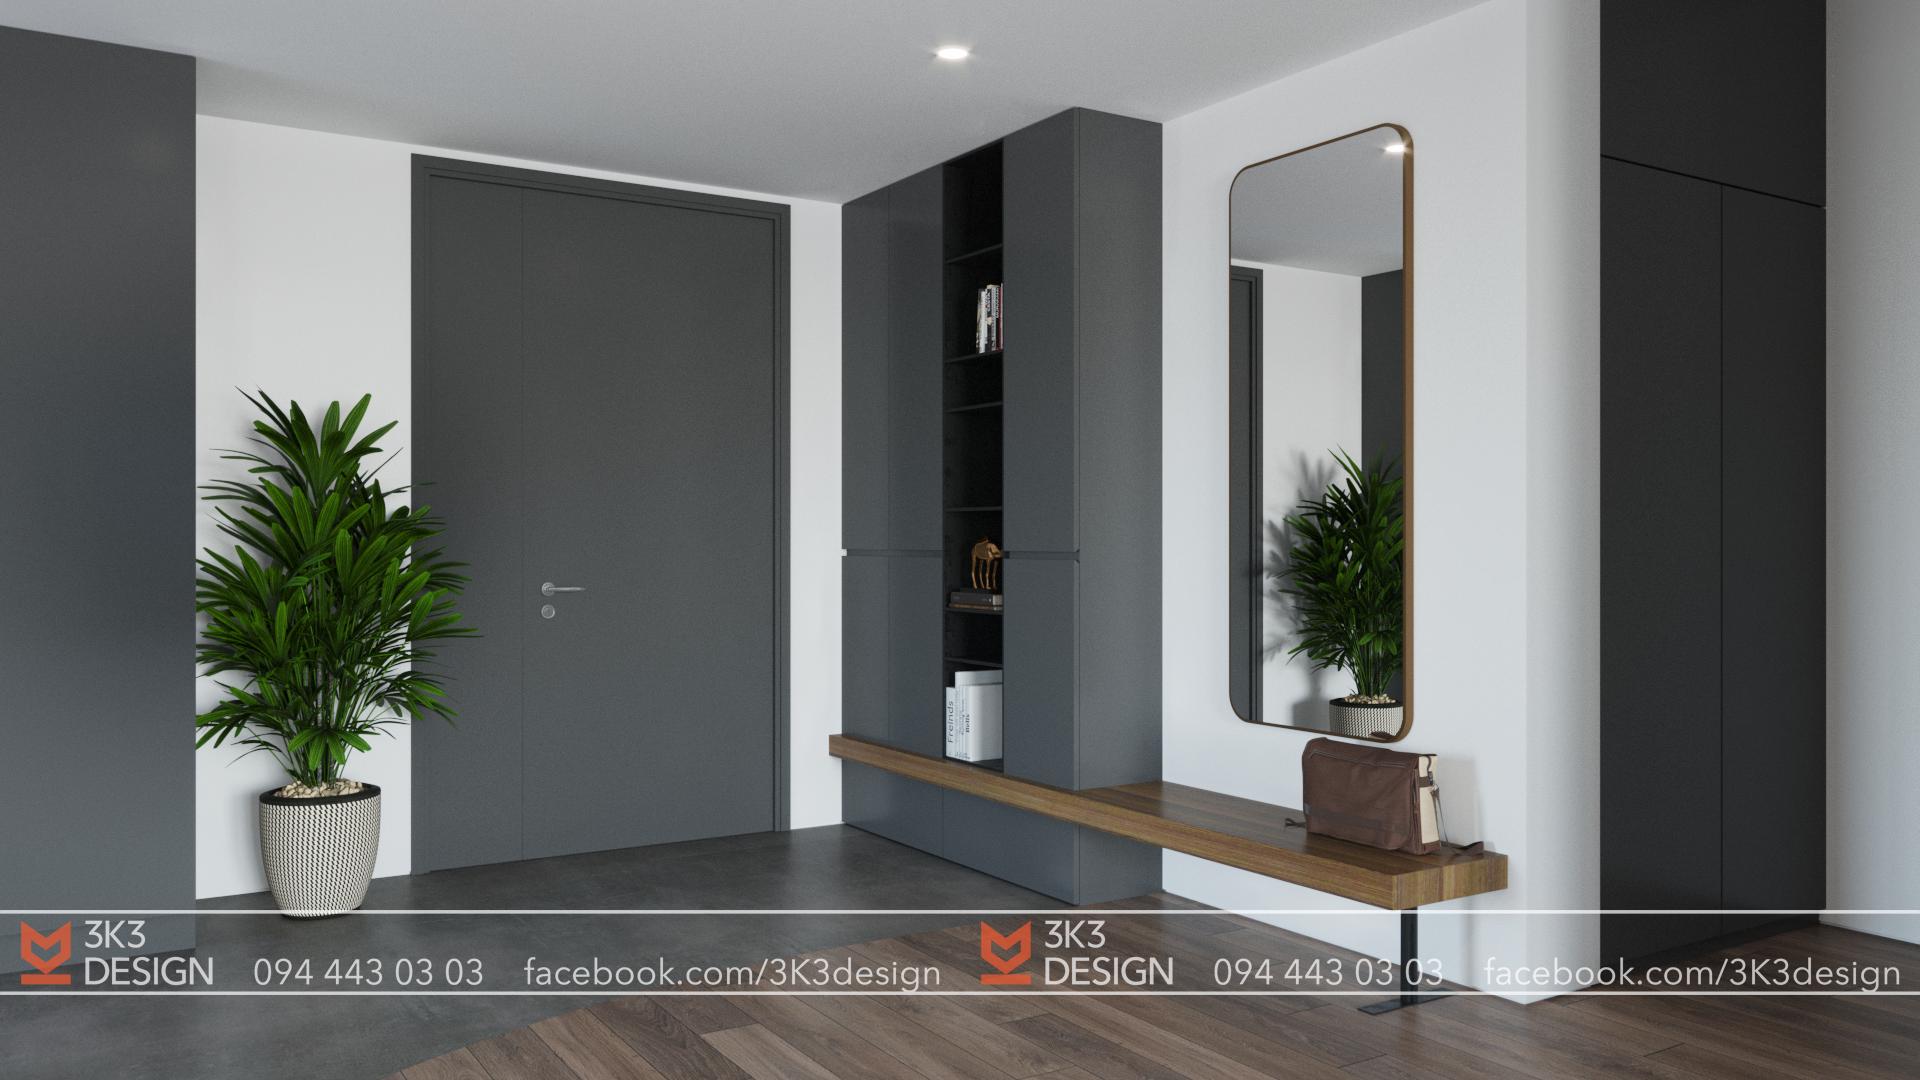 thiết kế nội thất chung cư tại Hà Nội VIMECO APARTMENT 9 1565080502